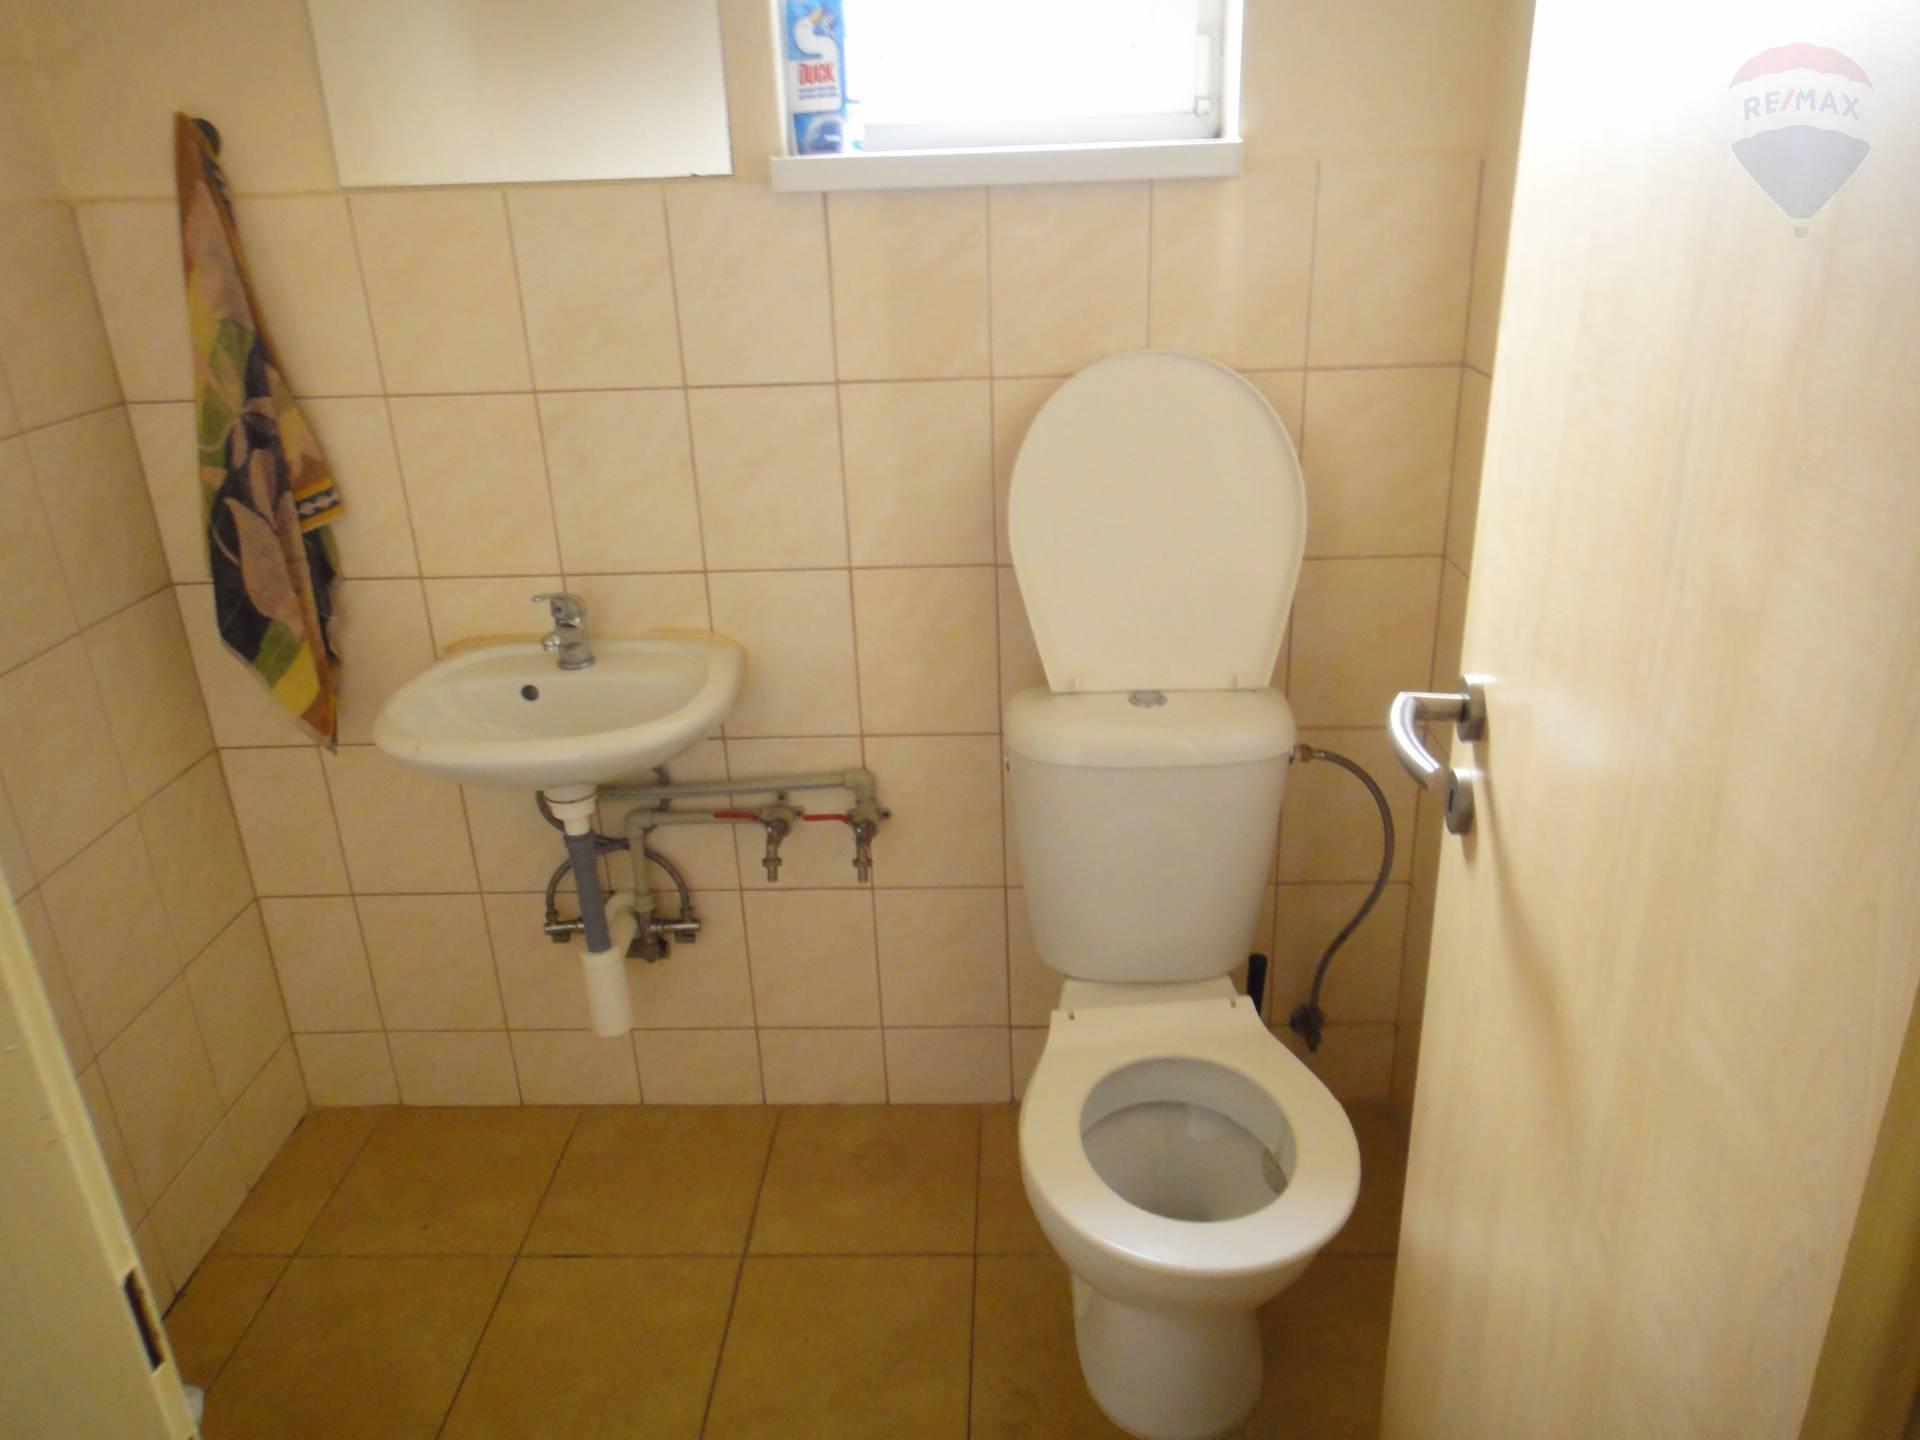 Predaj komerčného priestoru 754 m2, Horný Pial - WC personál